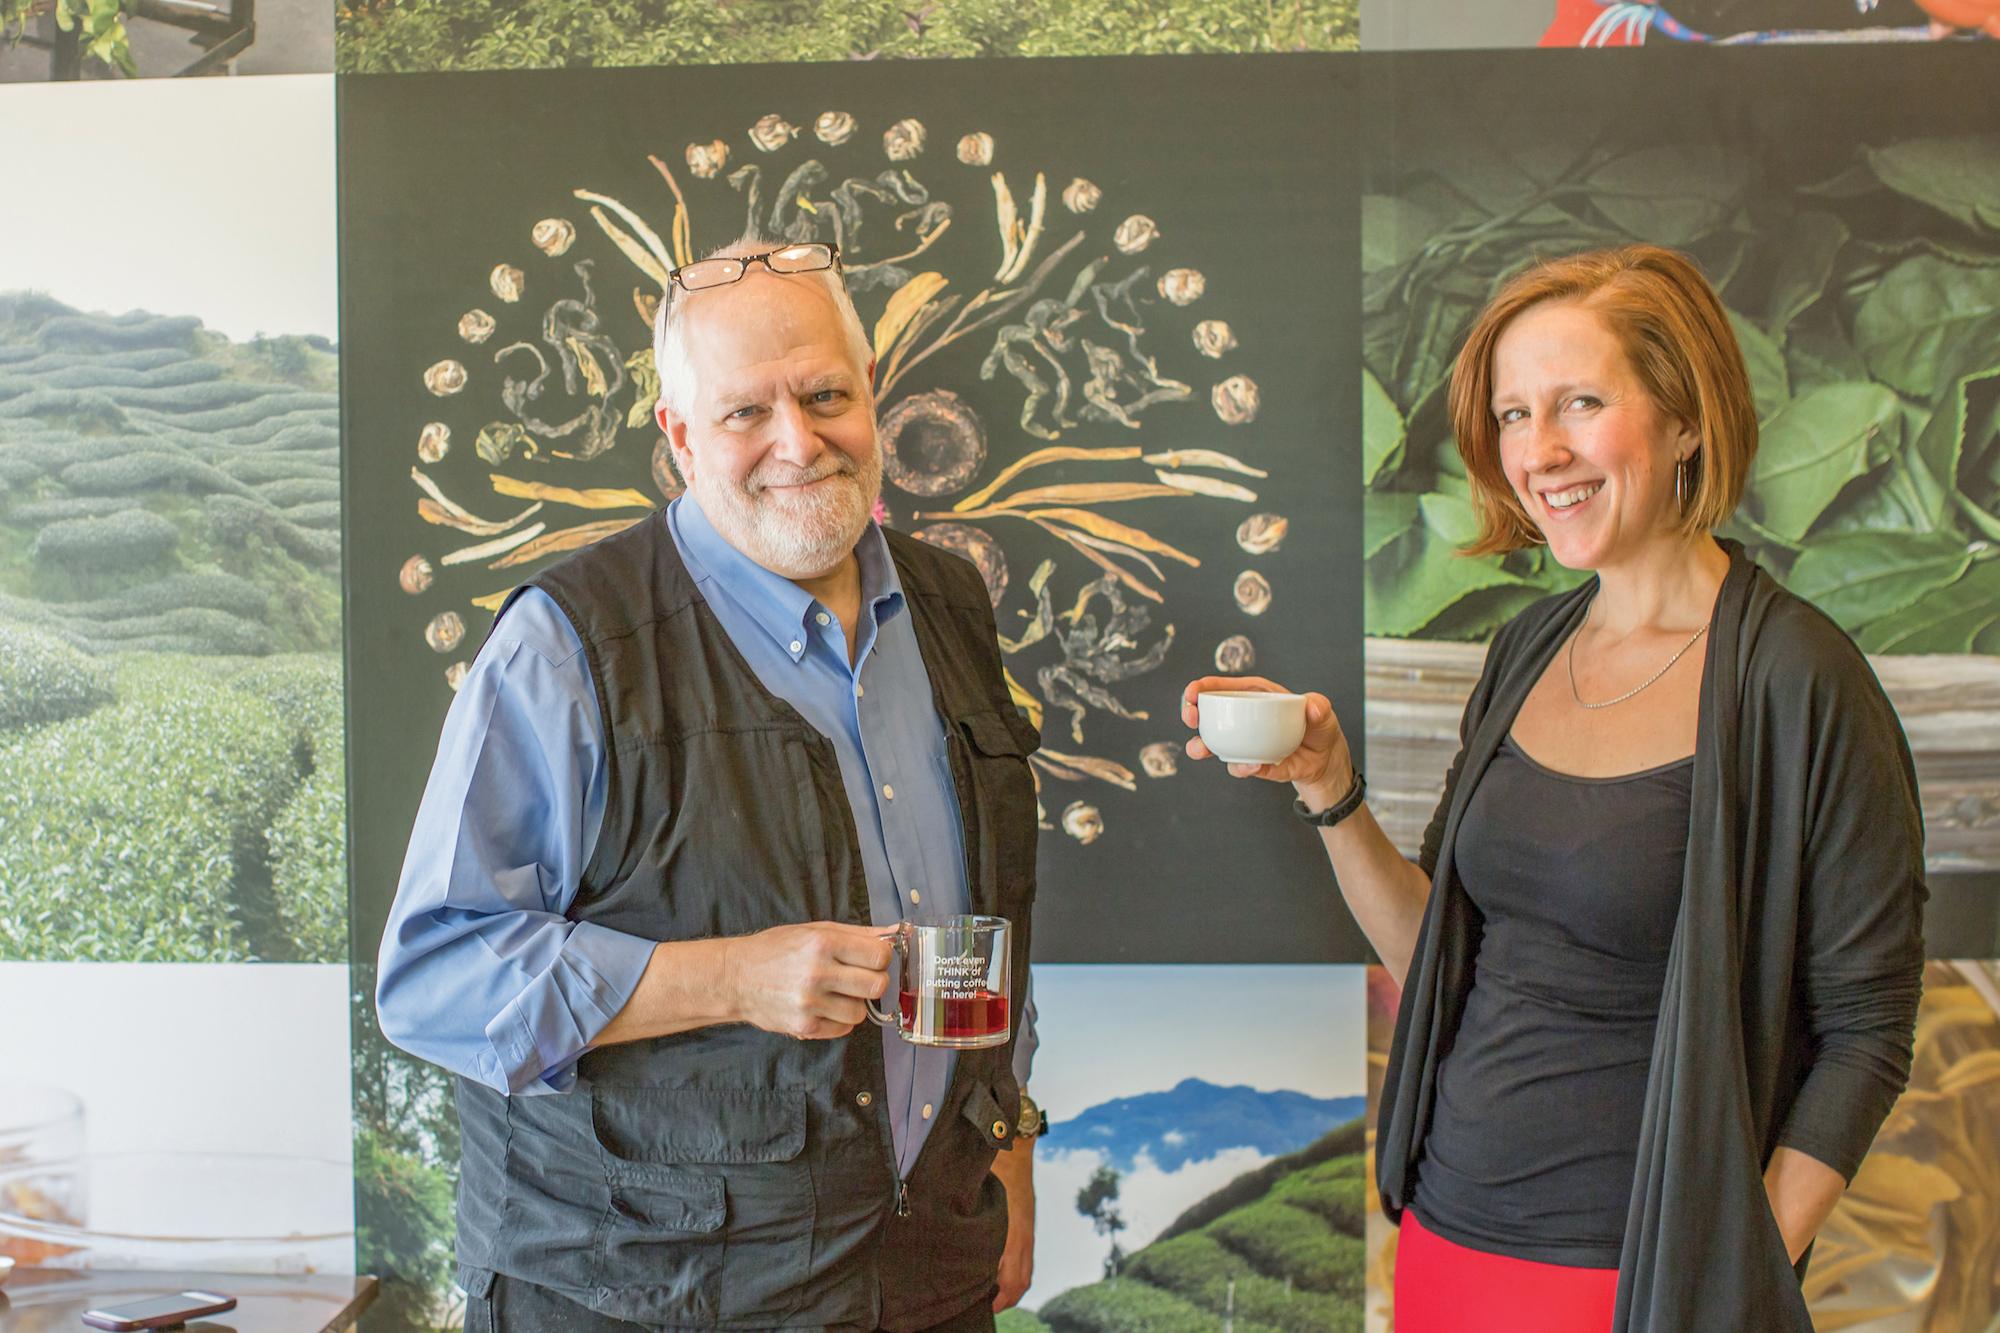 Bill Waddington and Sarah Jackson